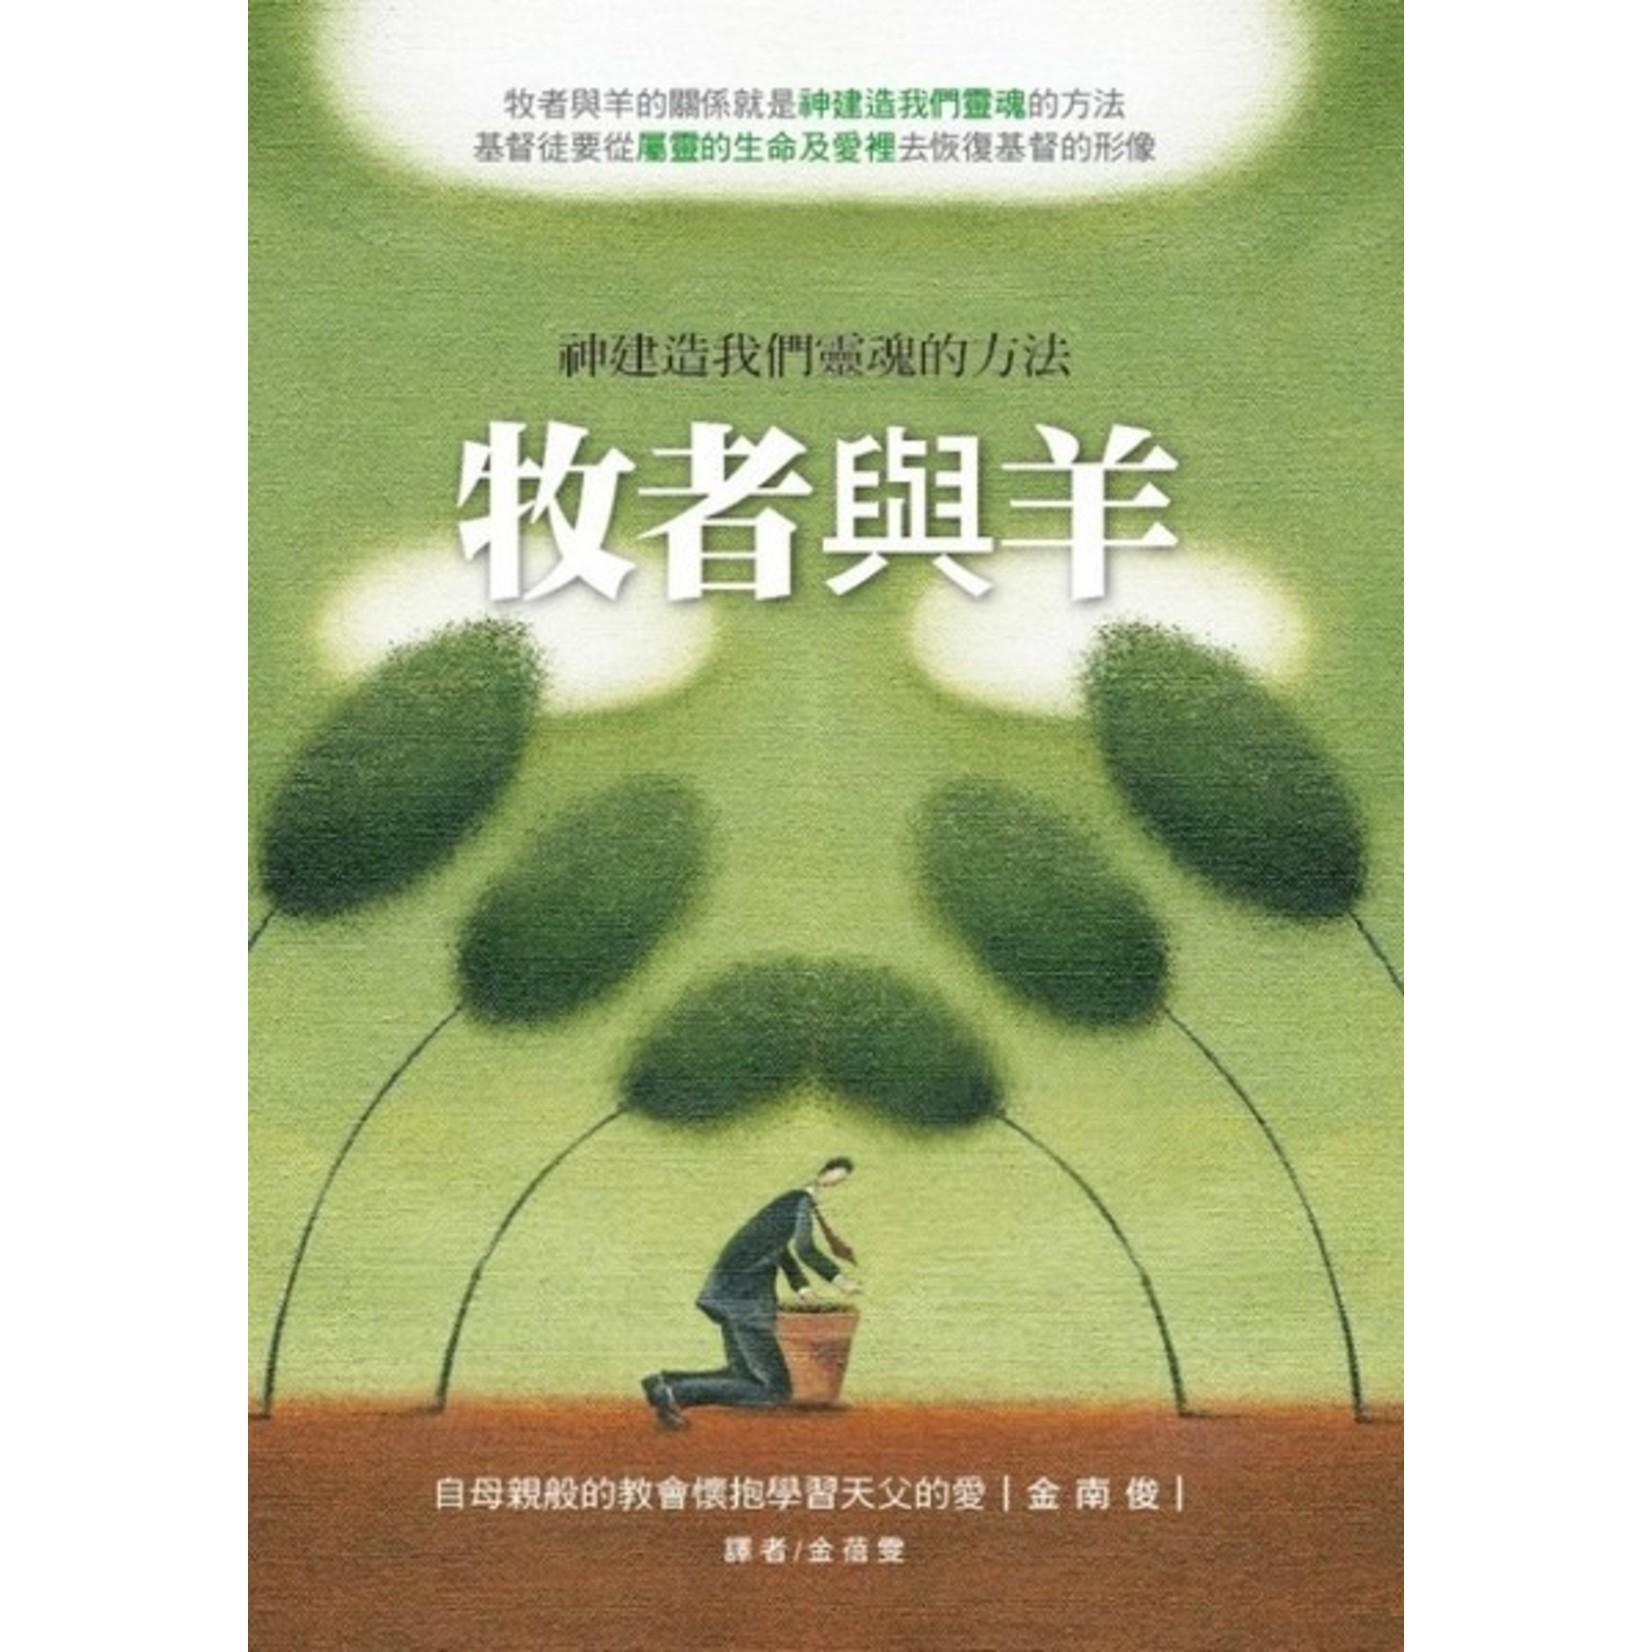 道聲 Taosheng Taiwan 牧者與羊:神建造我們靈魂的方法